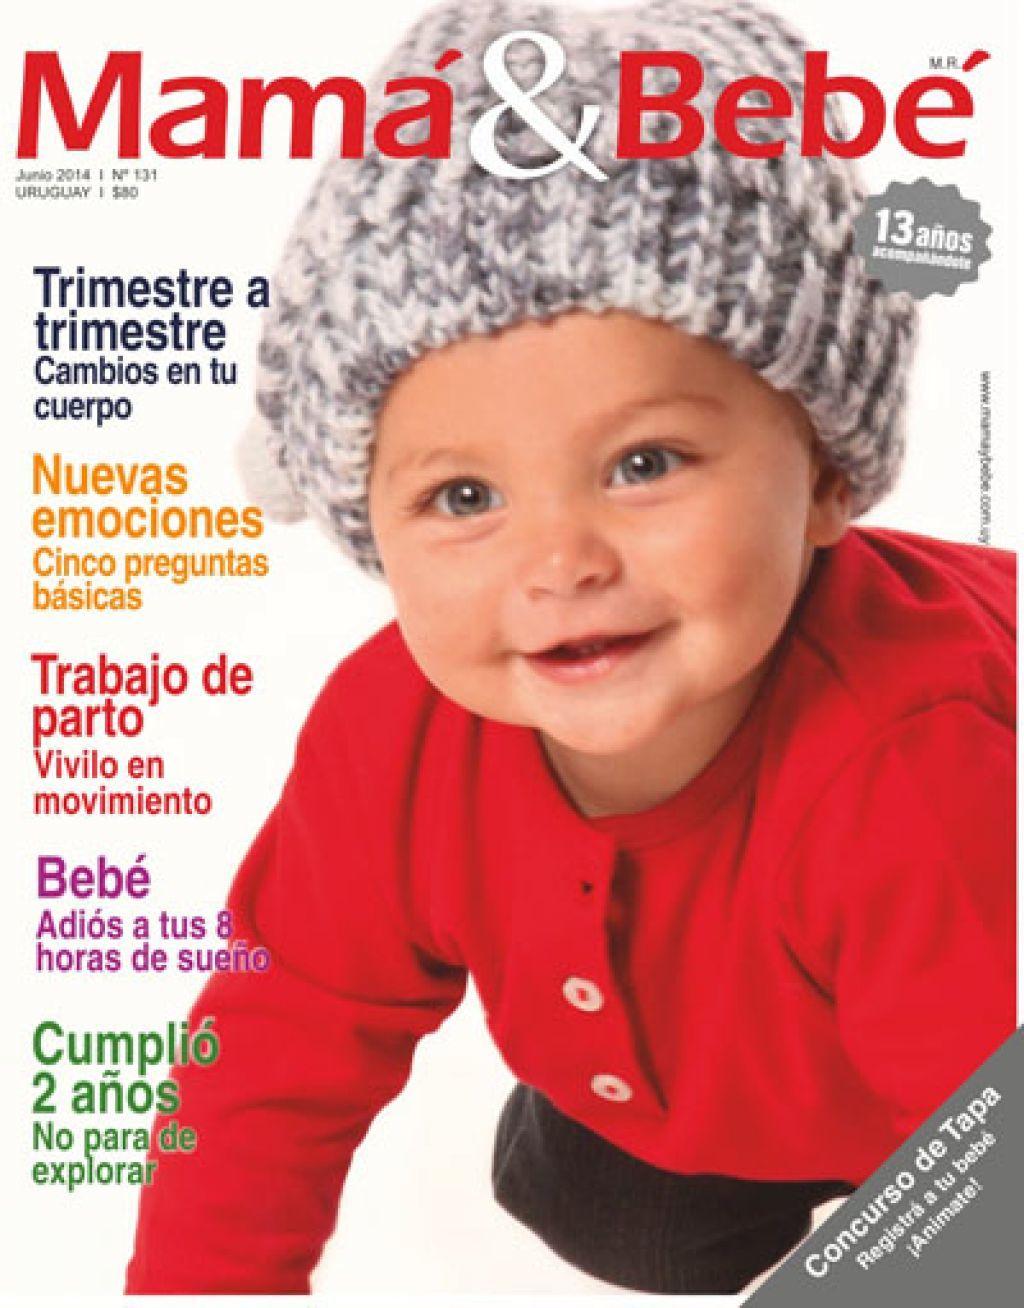 Edición Junio Nº131 Edición Junio Nº131